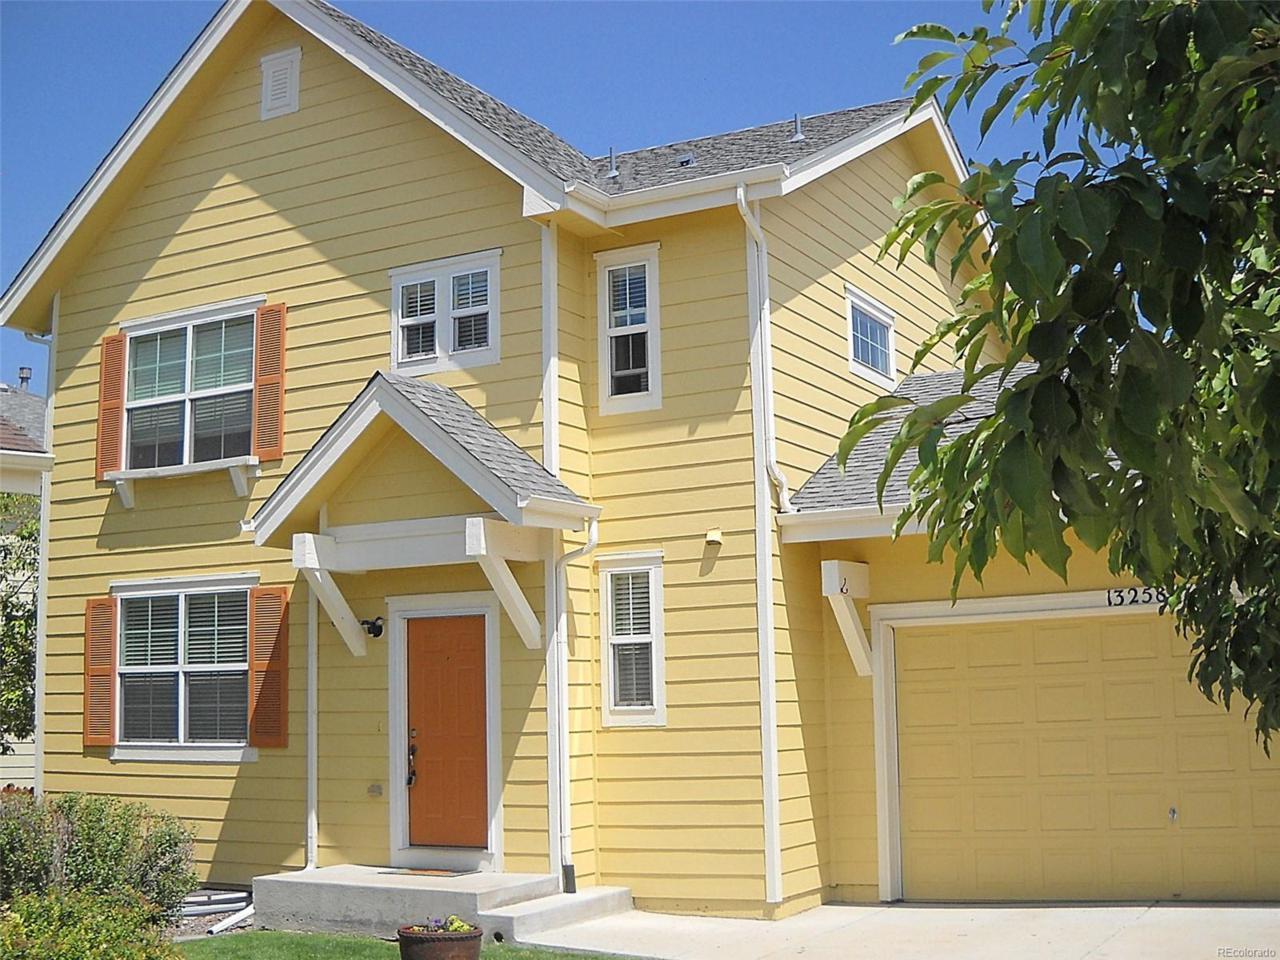 13258 Red Deer Trail, Broomfield, CO 80020 (MLS #6489984) :: 8z Real Estate